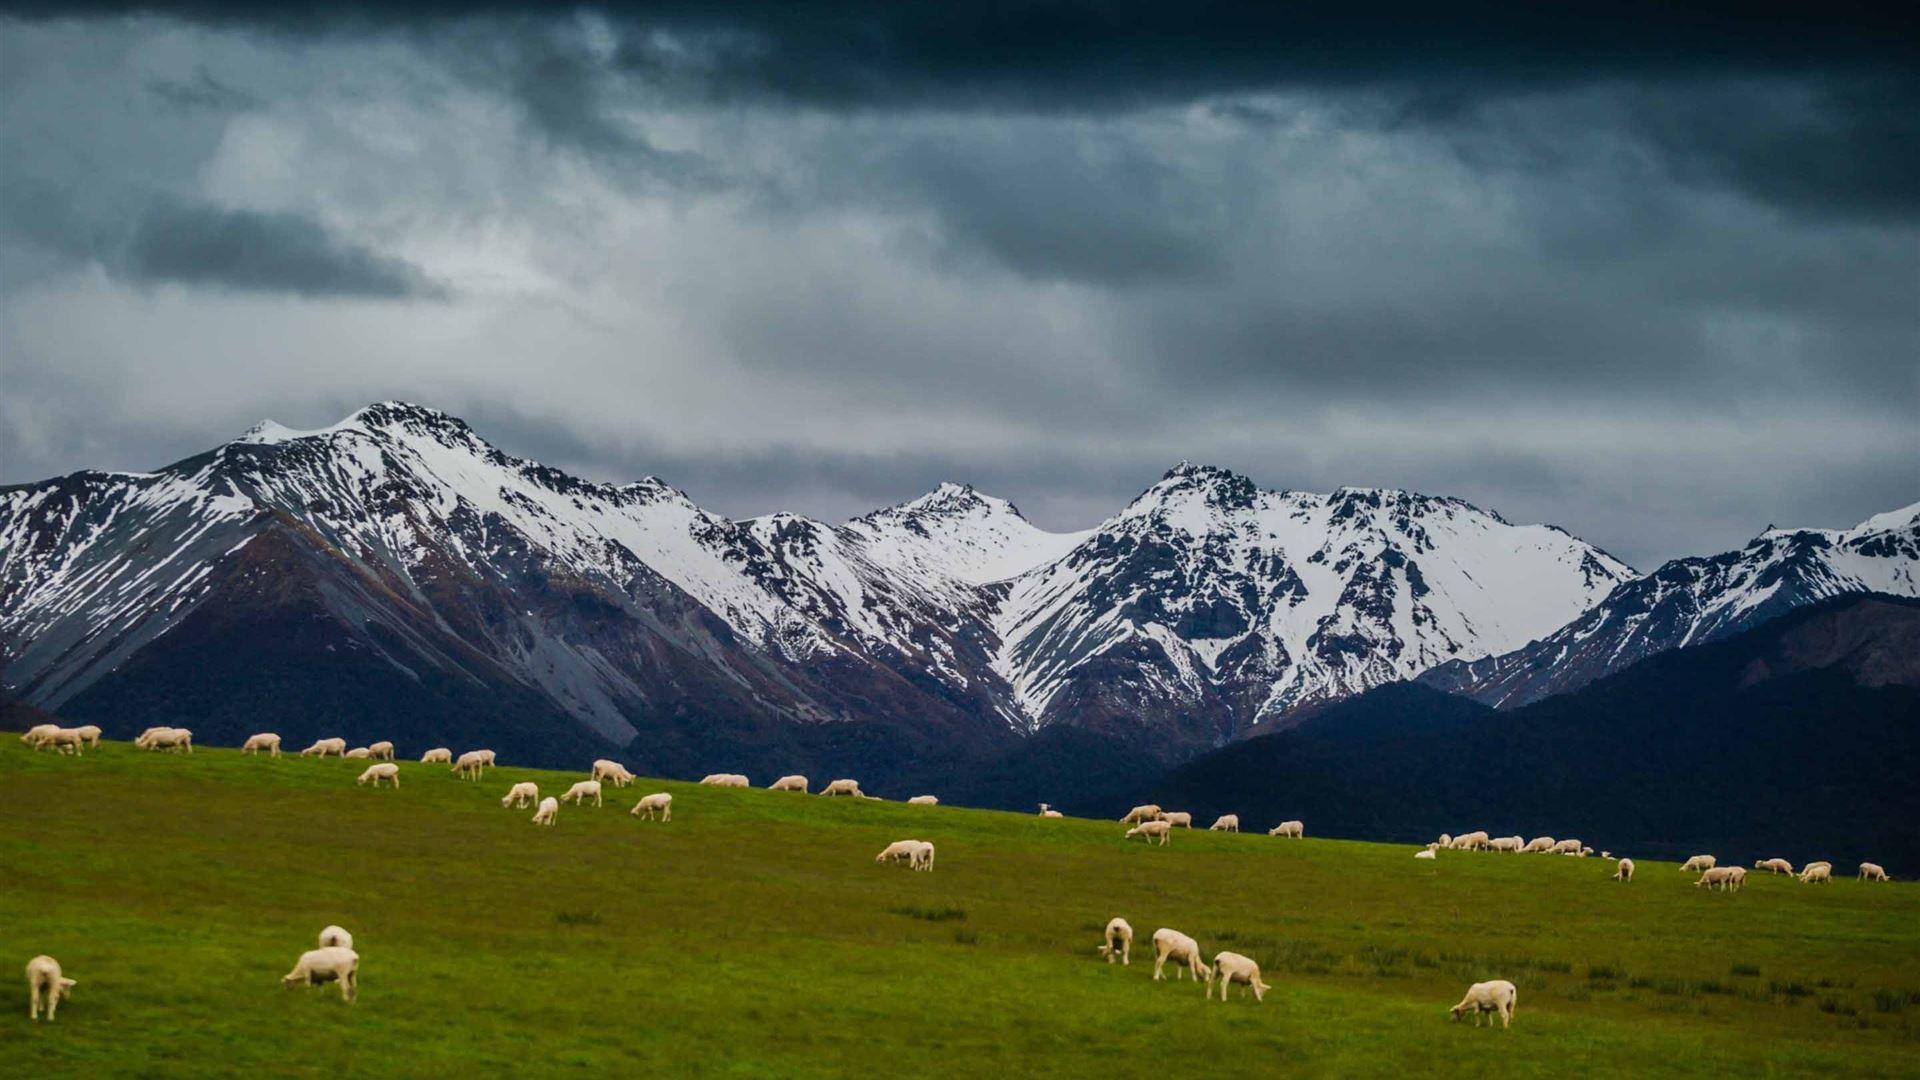 Sheep On Mountain pasture Mac Wallpaper Download | Free ...